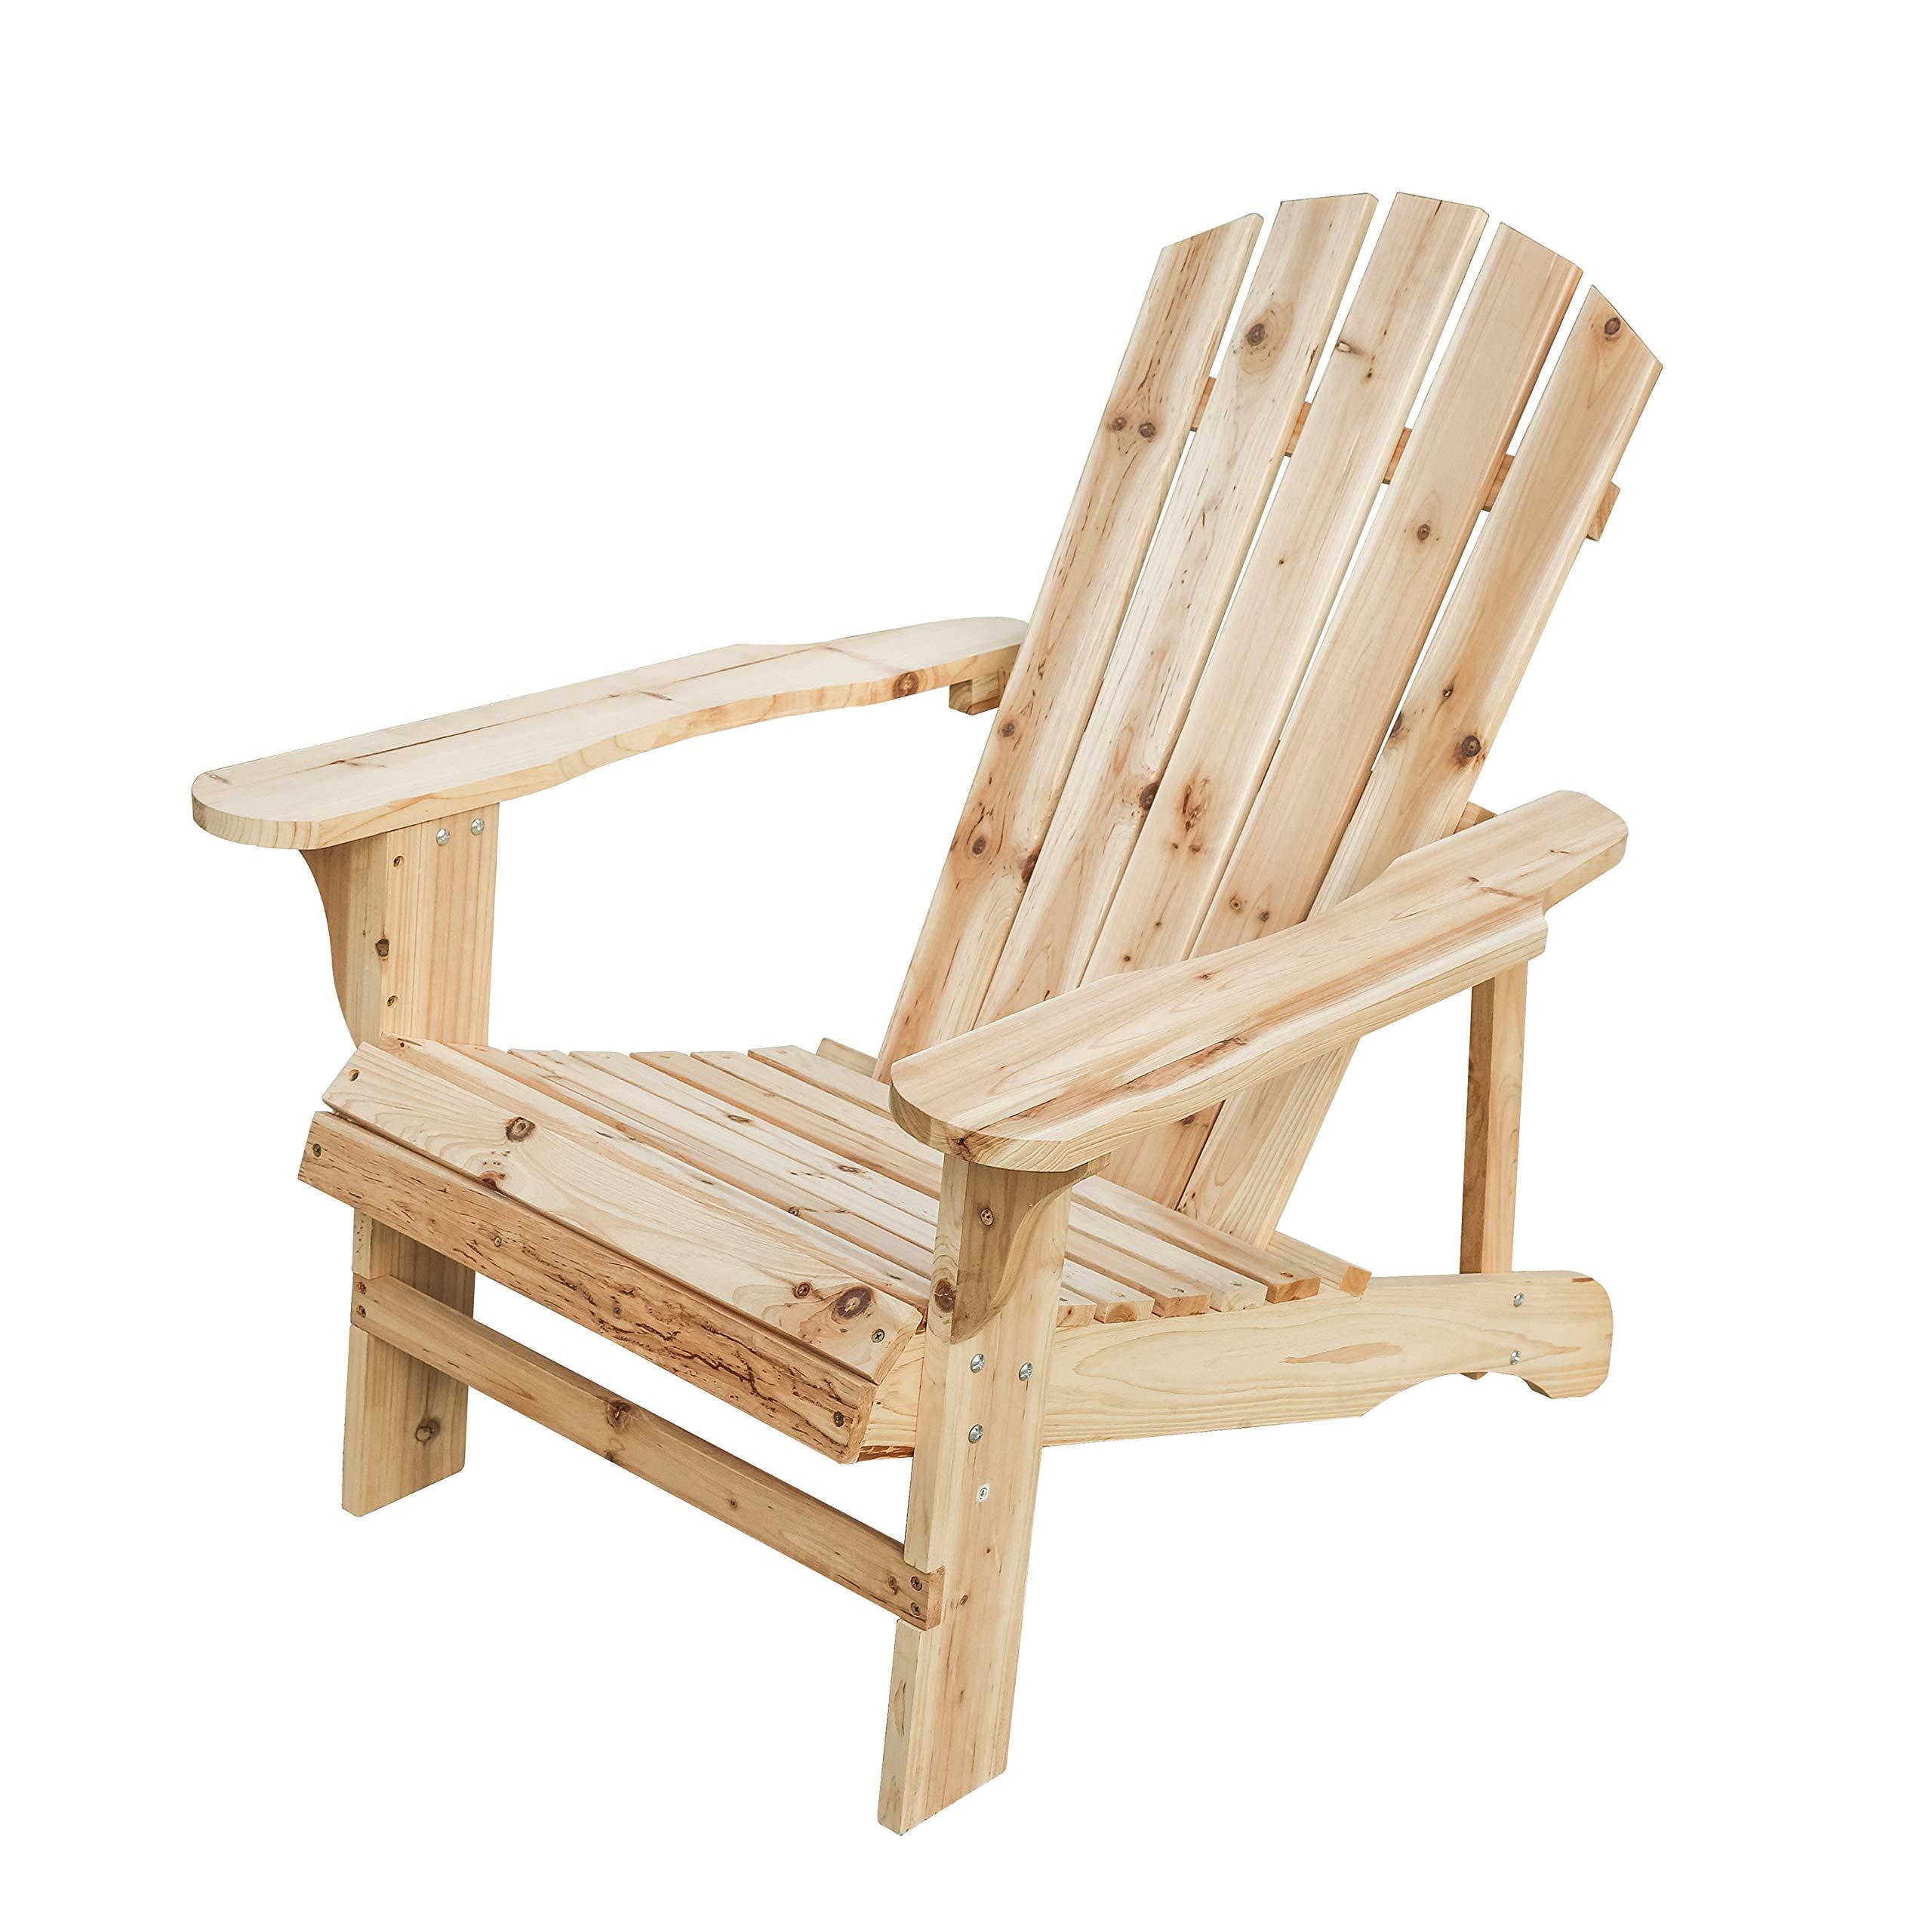 Patio Festival Adirondack Unpainted Furniture